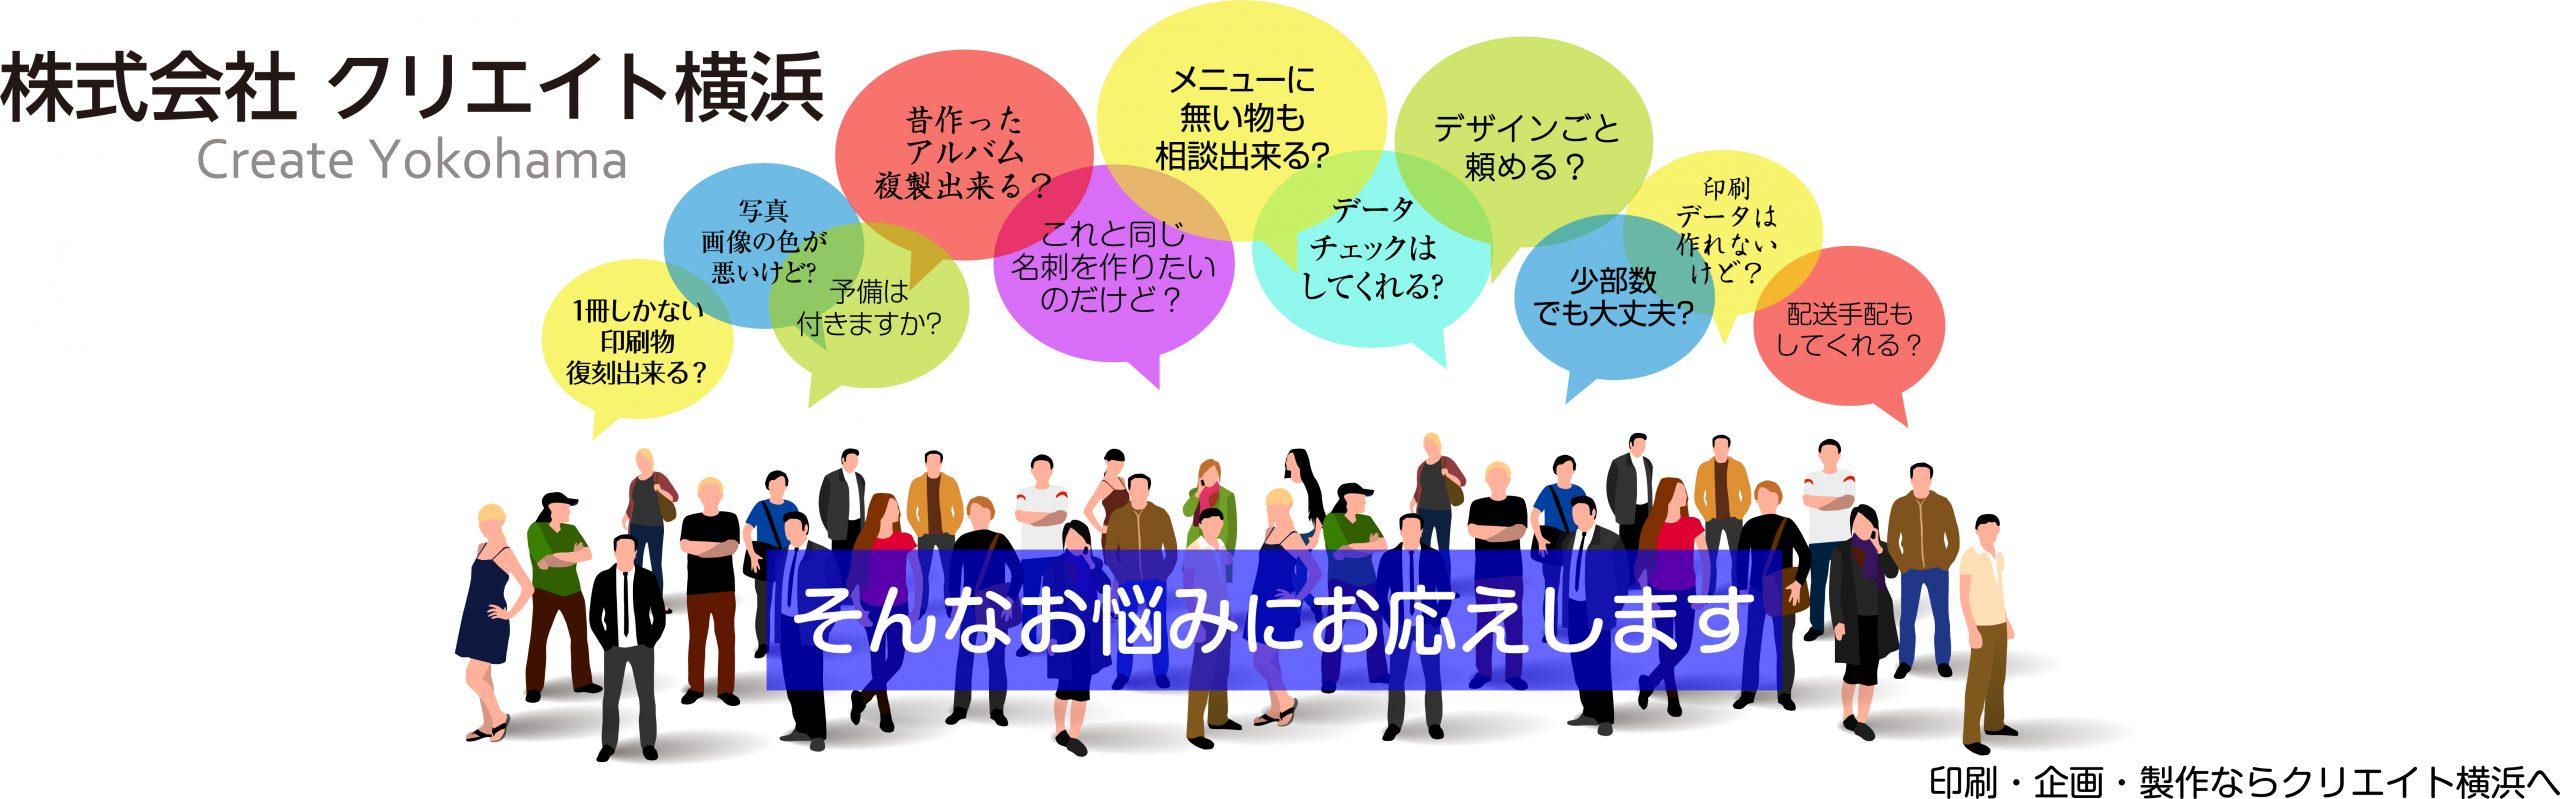 印刷・企画・制作なら株式会社クリエイト横浜へ